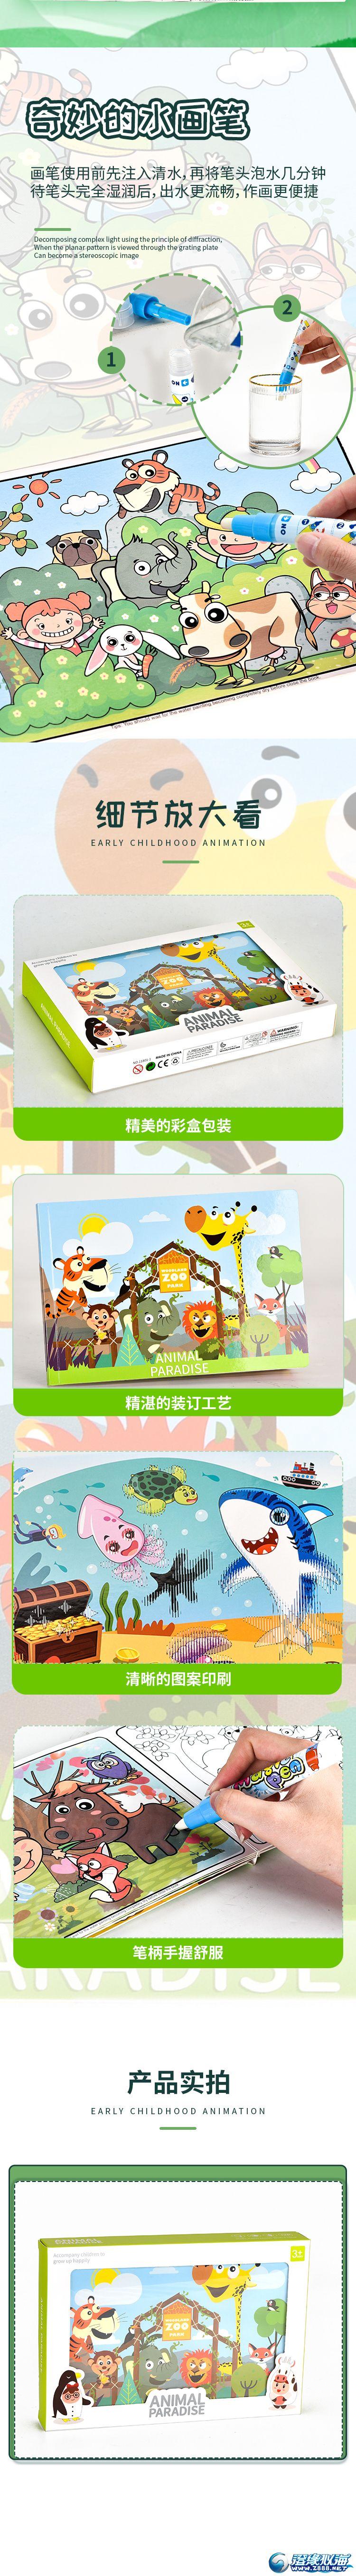 冠益玩具厂-(11801-1)-早教动画本-中文版详情页_03.jpg